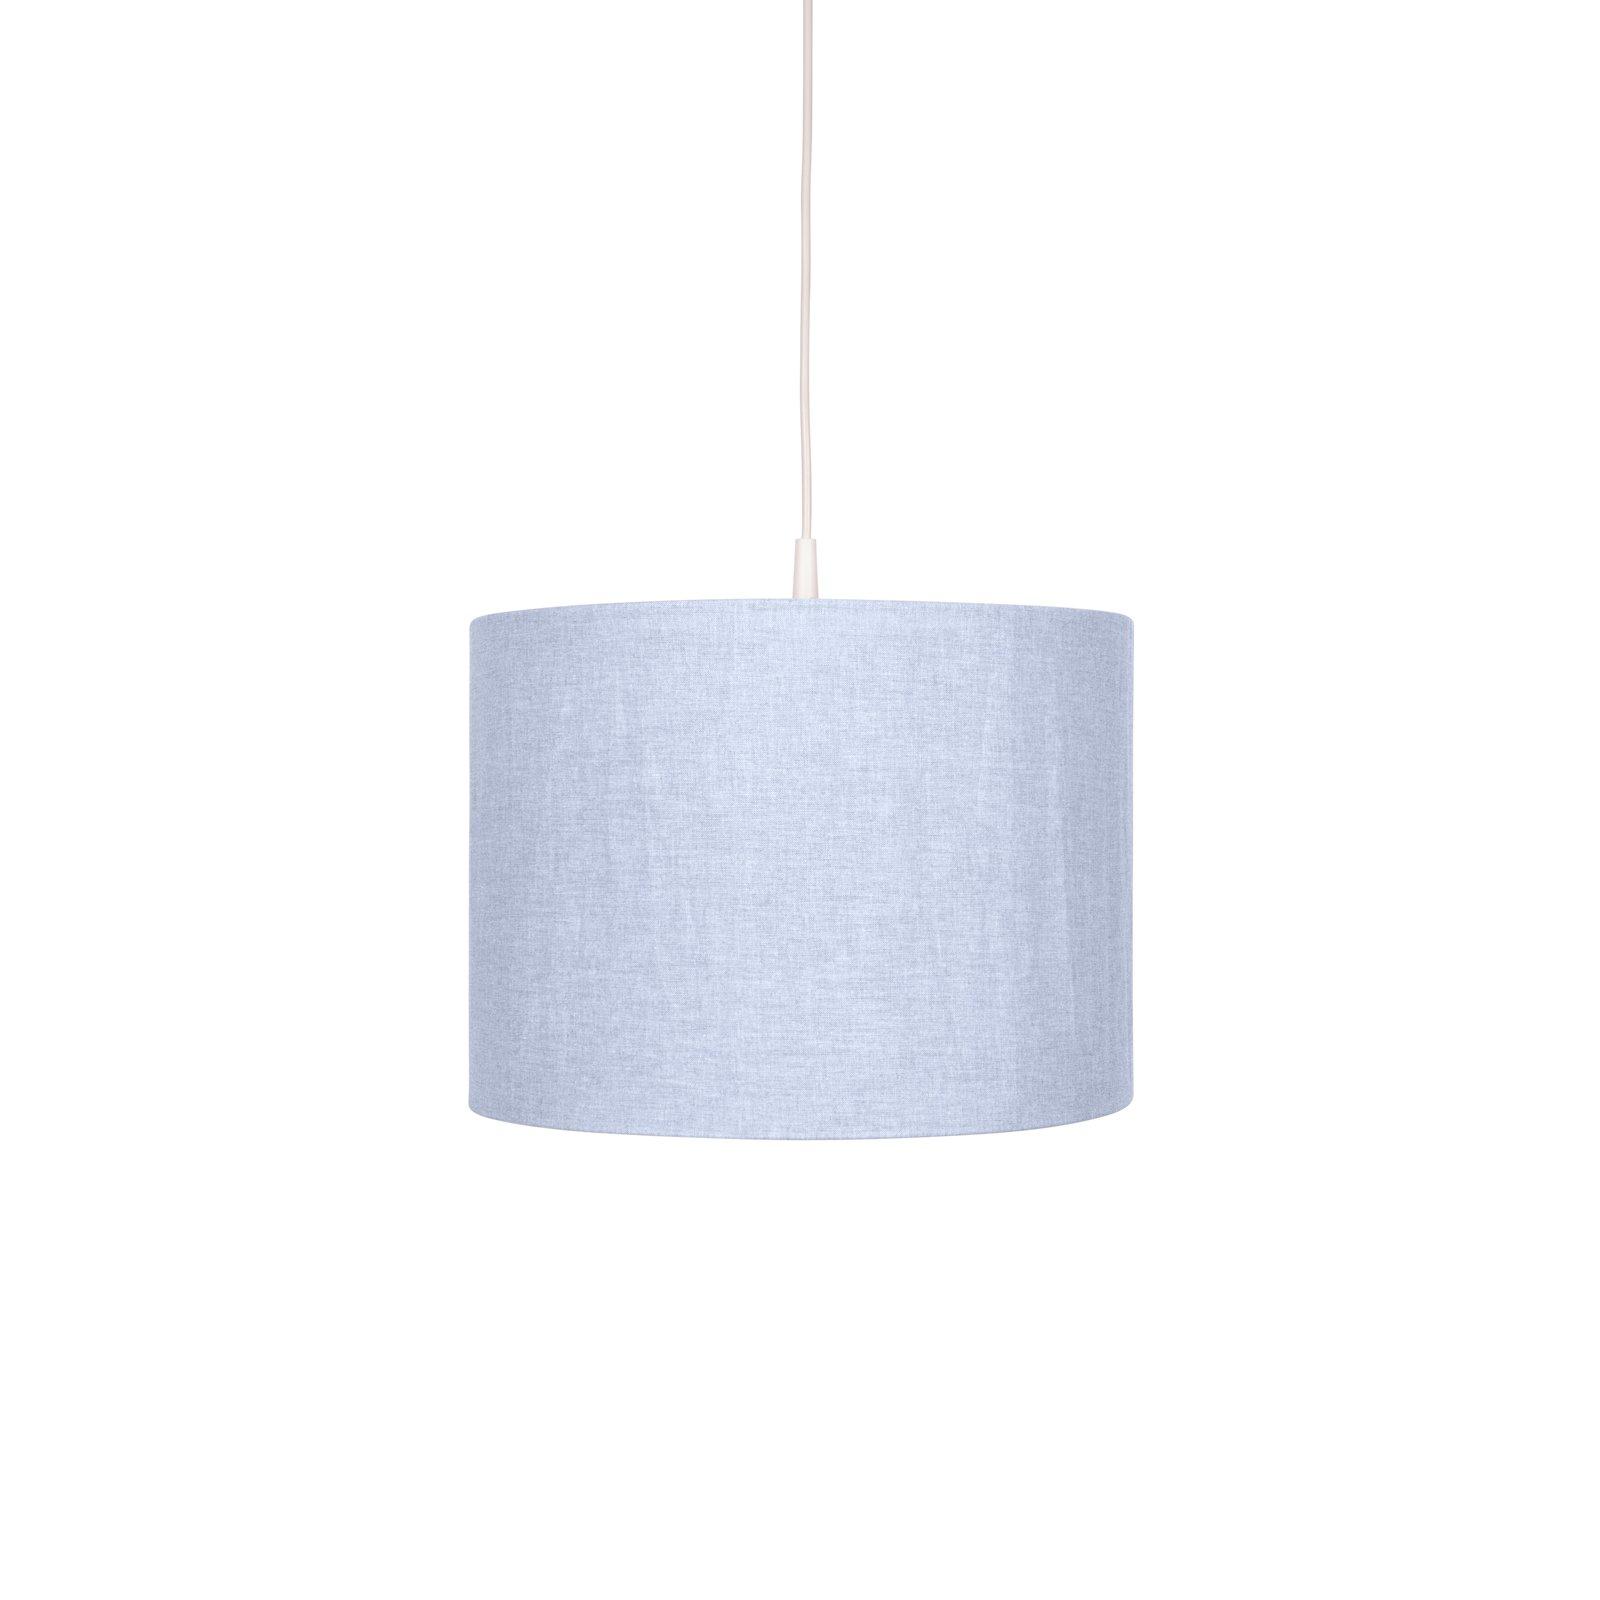 hanglamp Bo blue